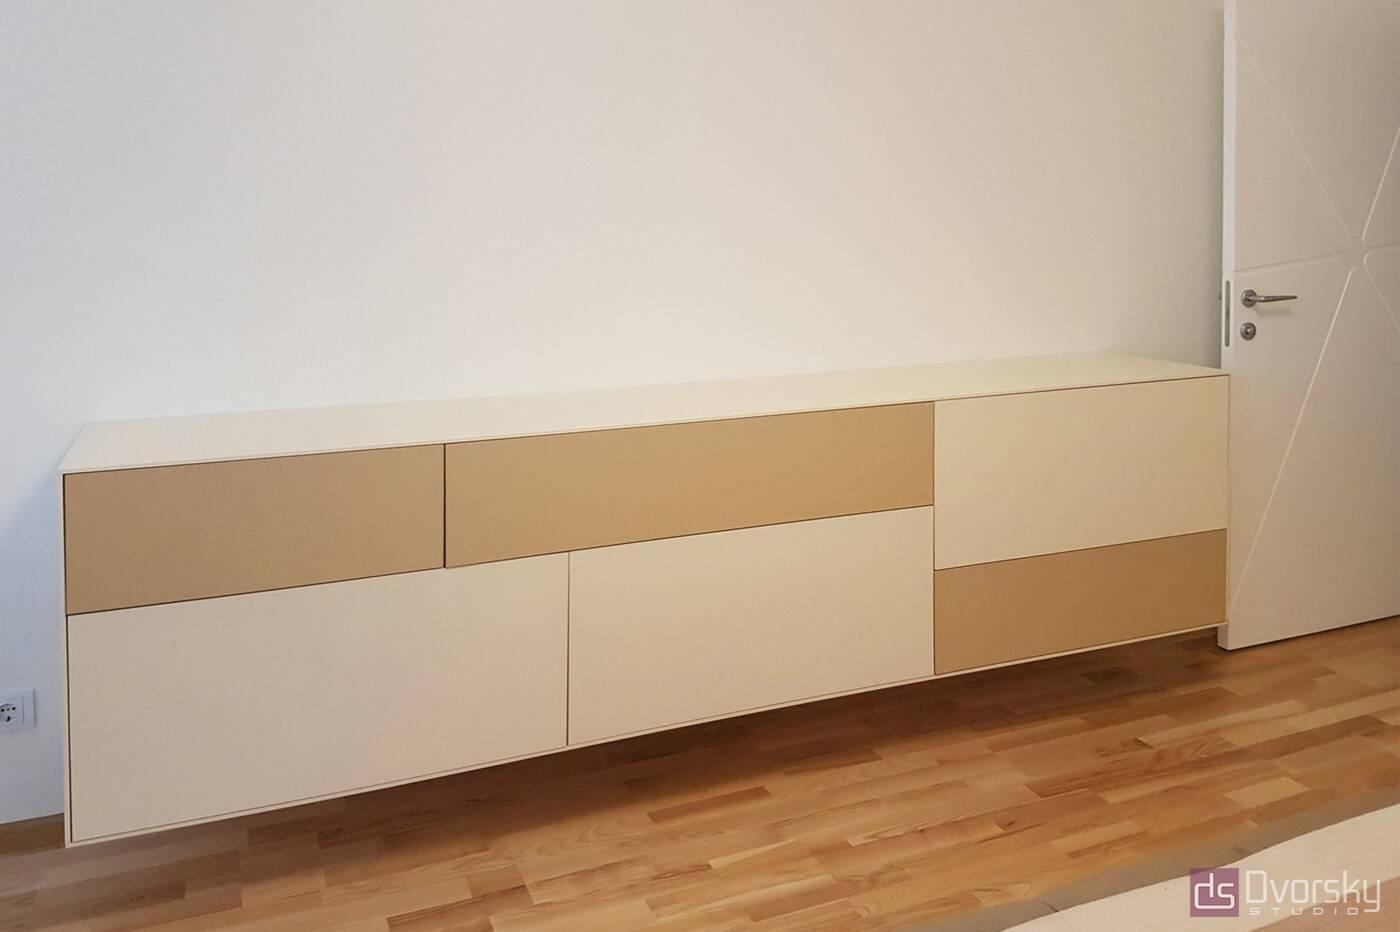 Спальни Геометрический шкаф для спальни - Фото № 3